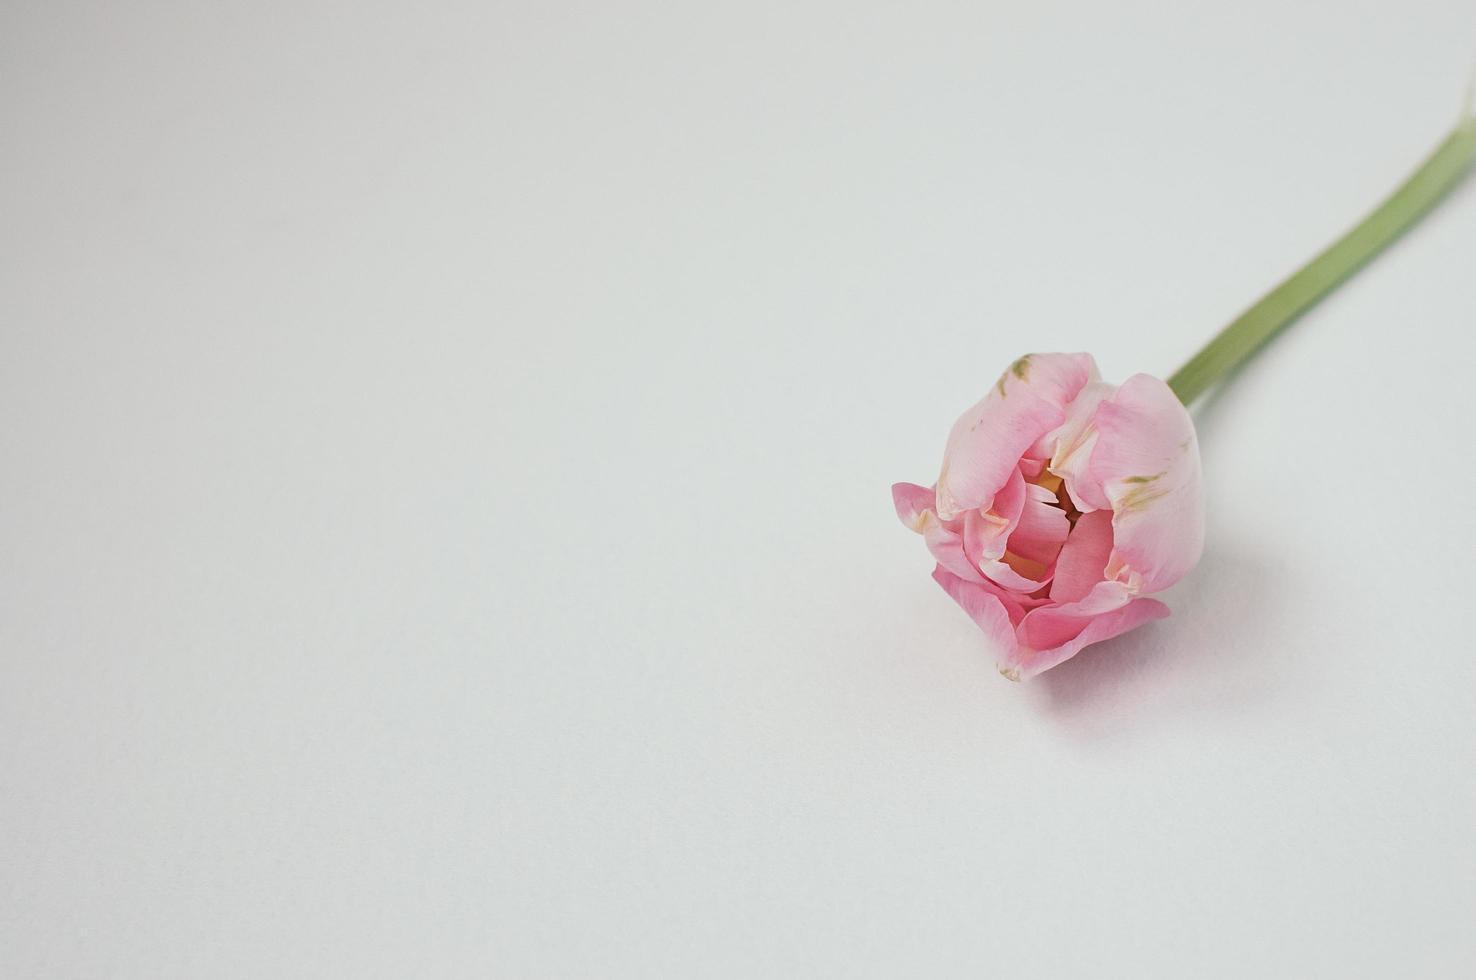 primo piano del singolo tulipano rosa su sfondo bianco, copyspace foto